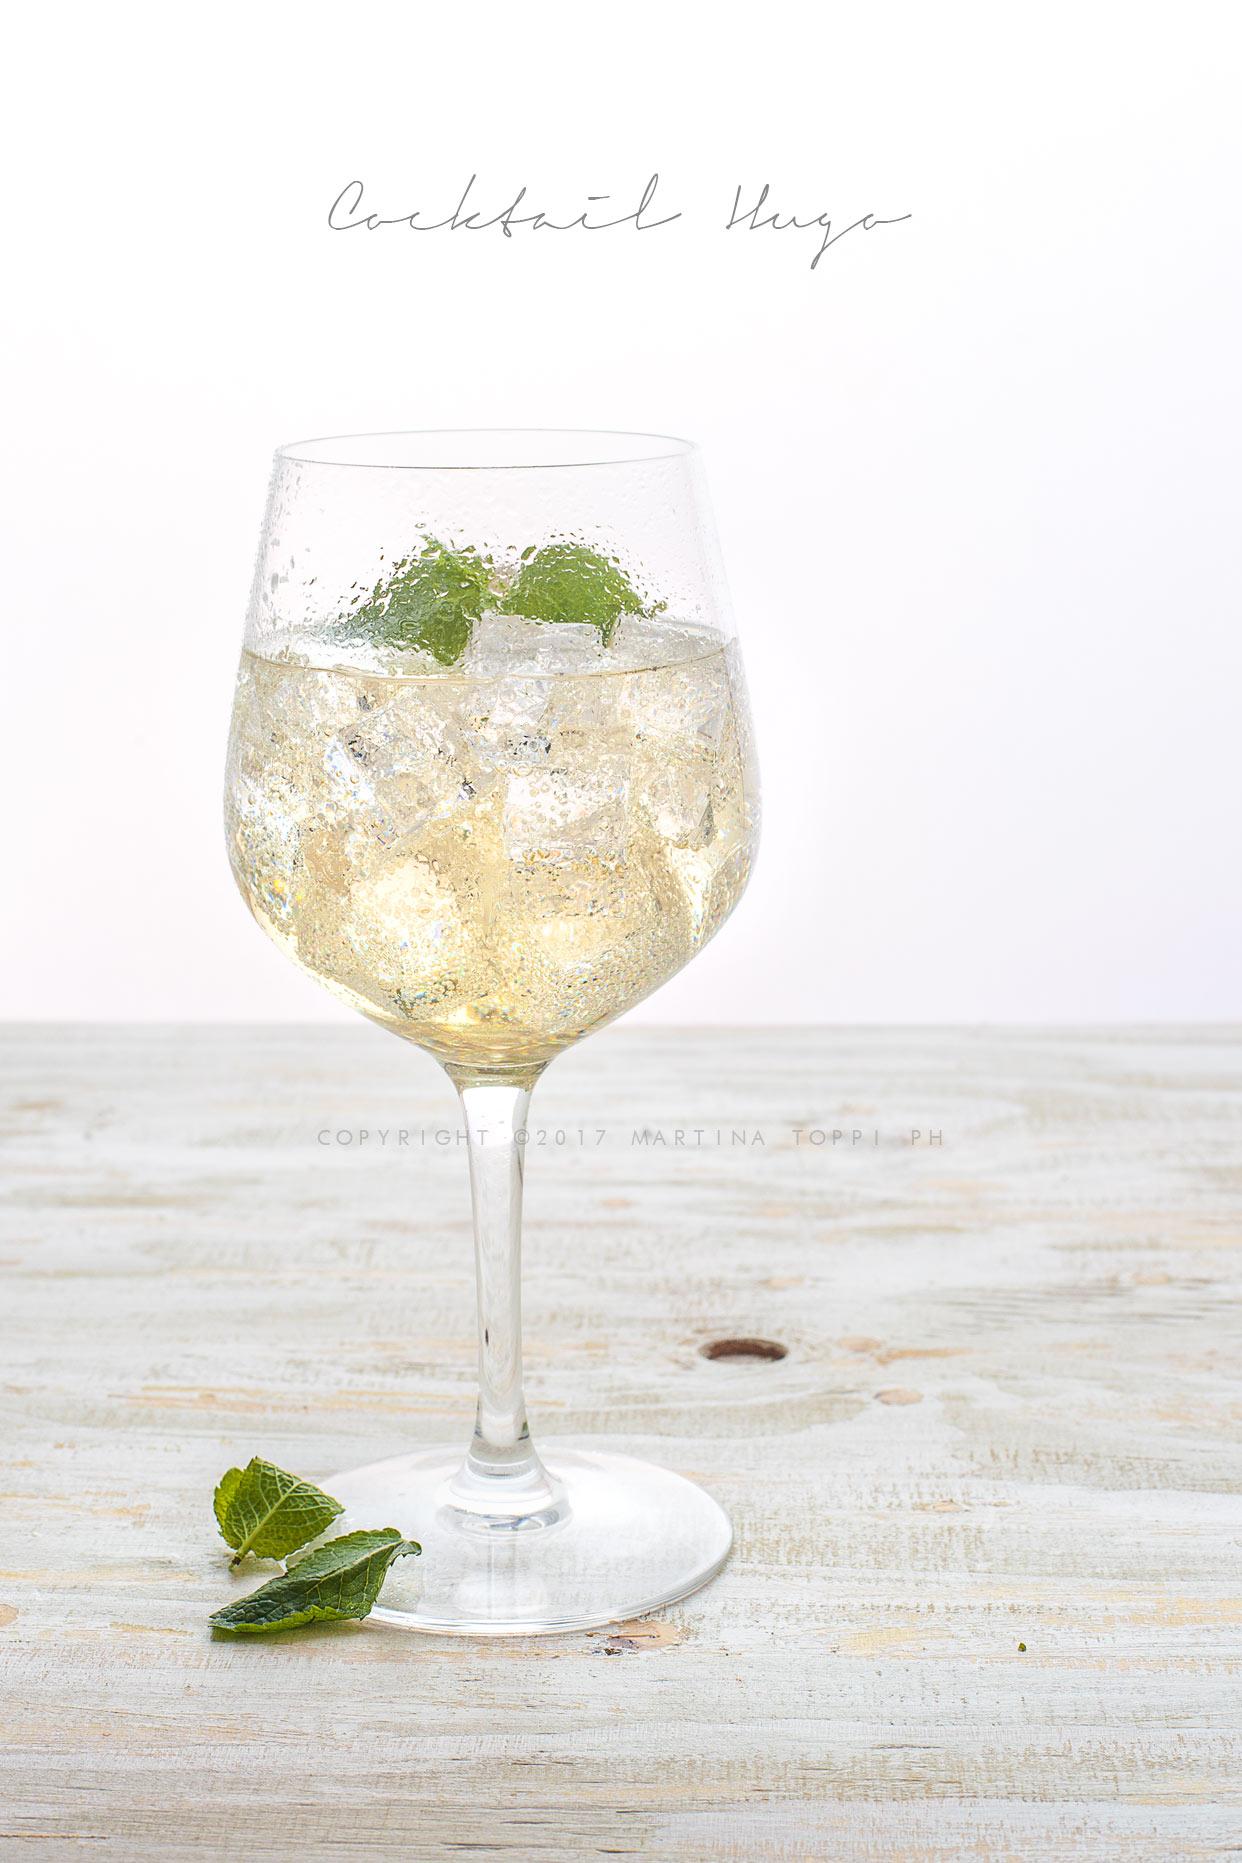 Ricetta Hugo Per 6 Persone.Cocktail Hugo O Spritz Hugo E L Aperitivo E Servito Trattoria Da Martina